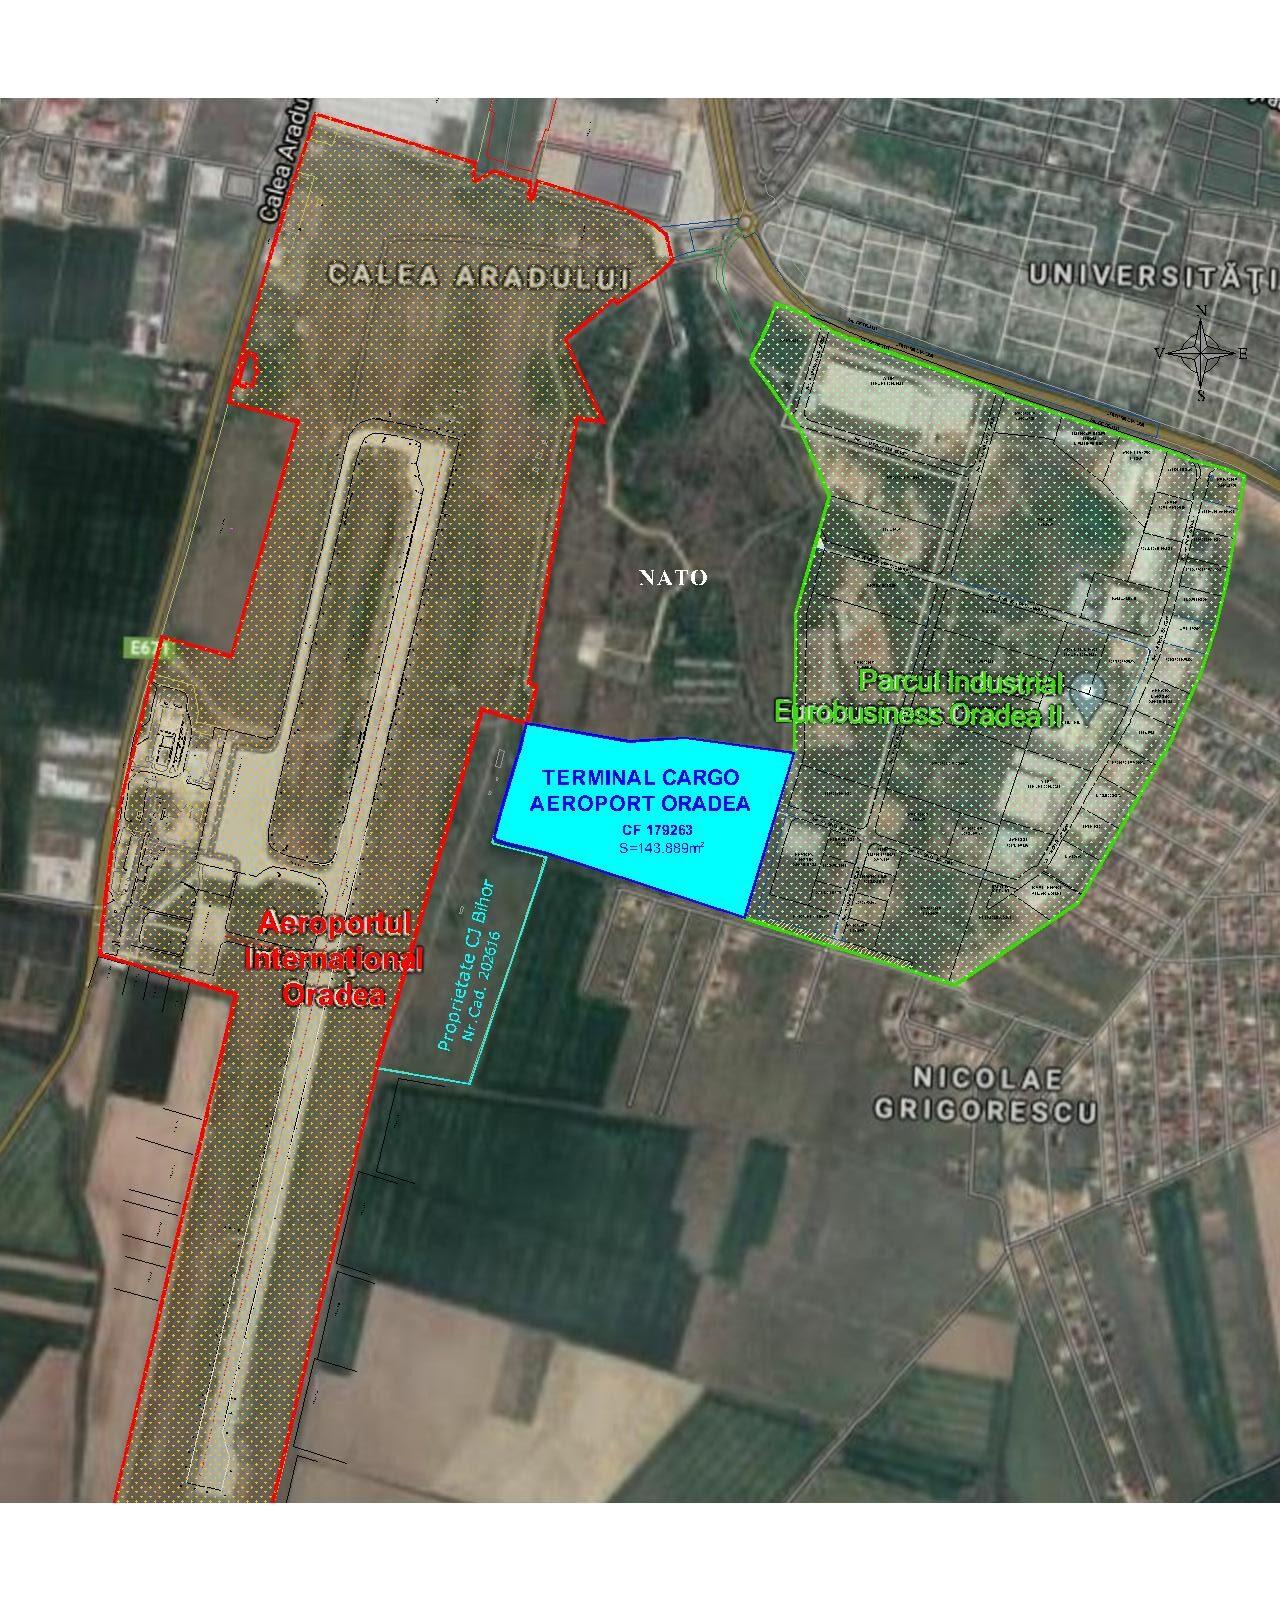 Prezentare Plan situatie TERMINAL CARGO ORADEA rotated